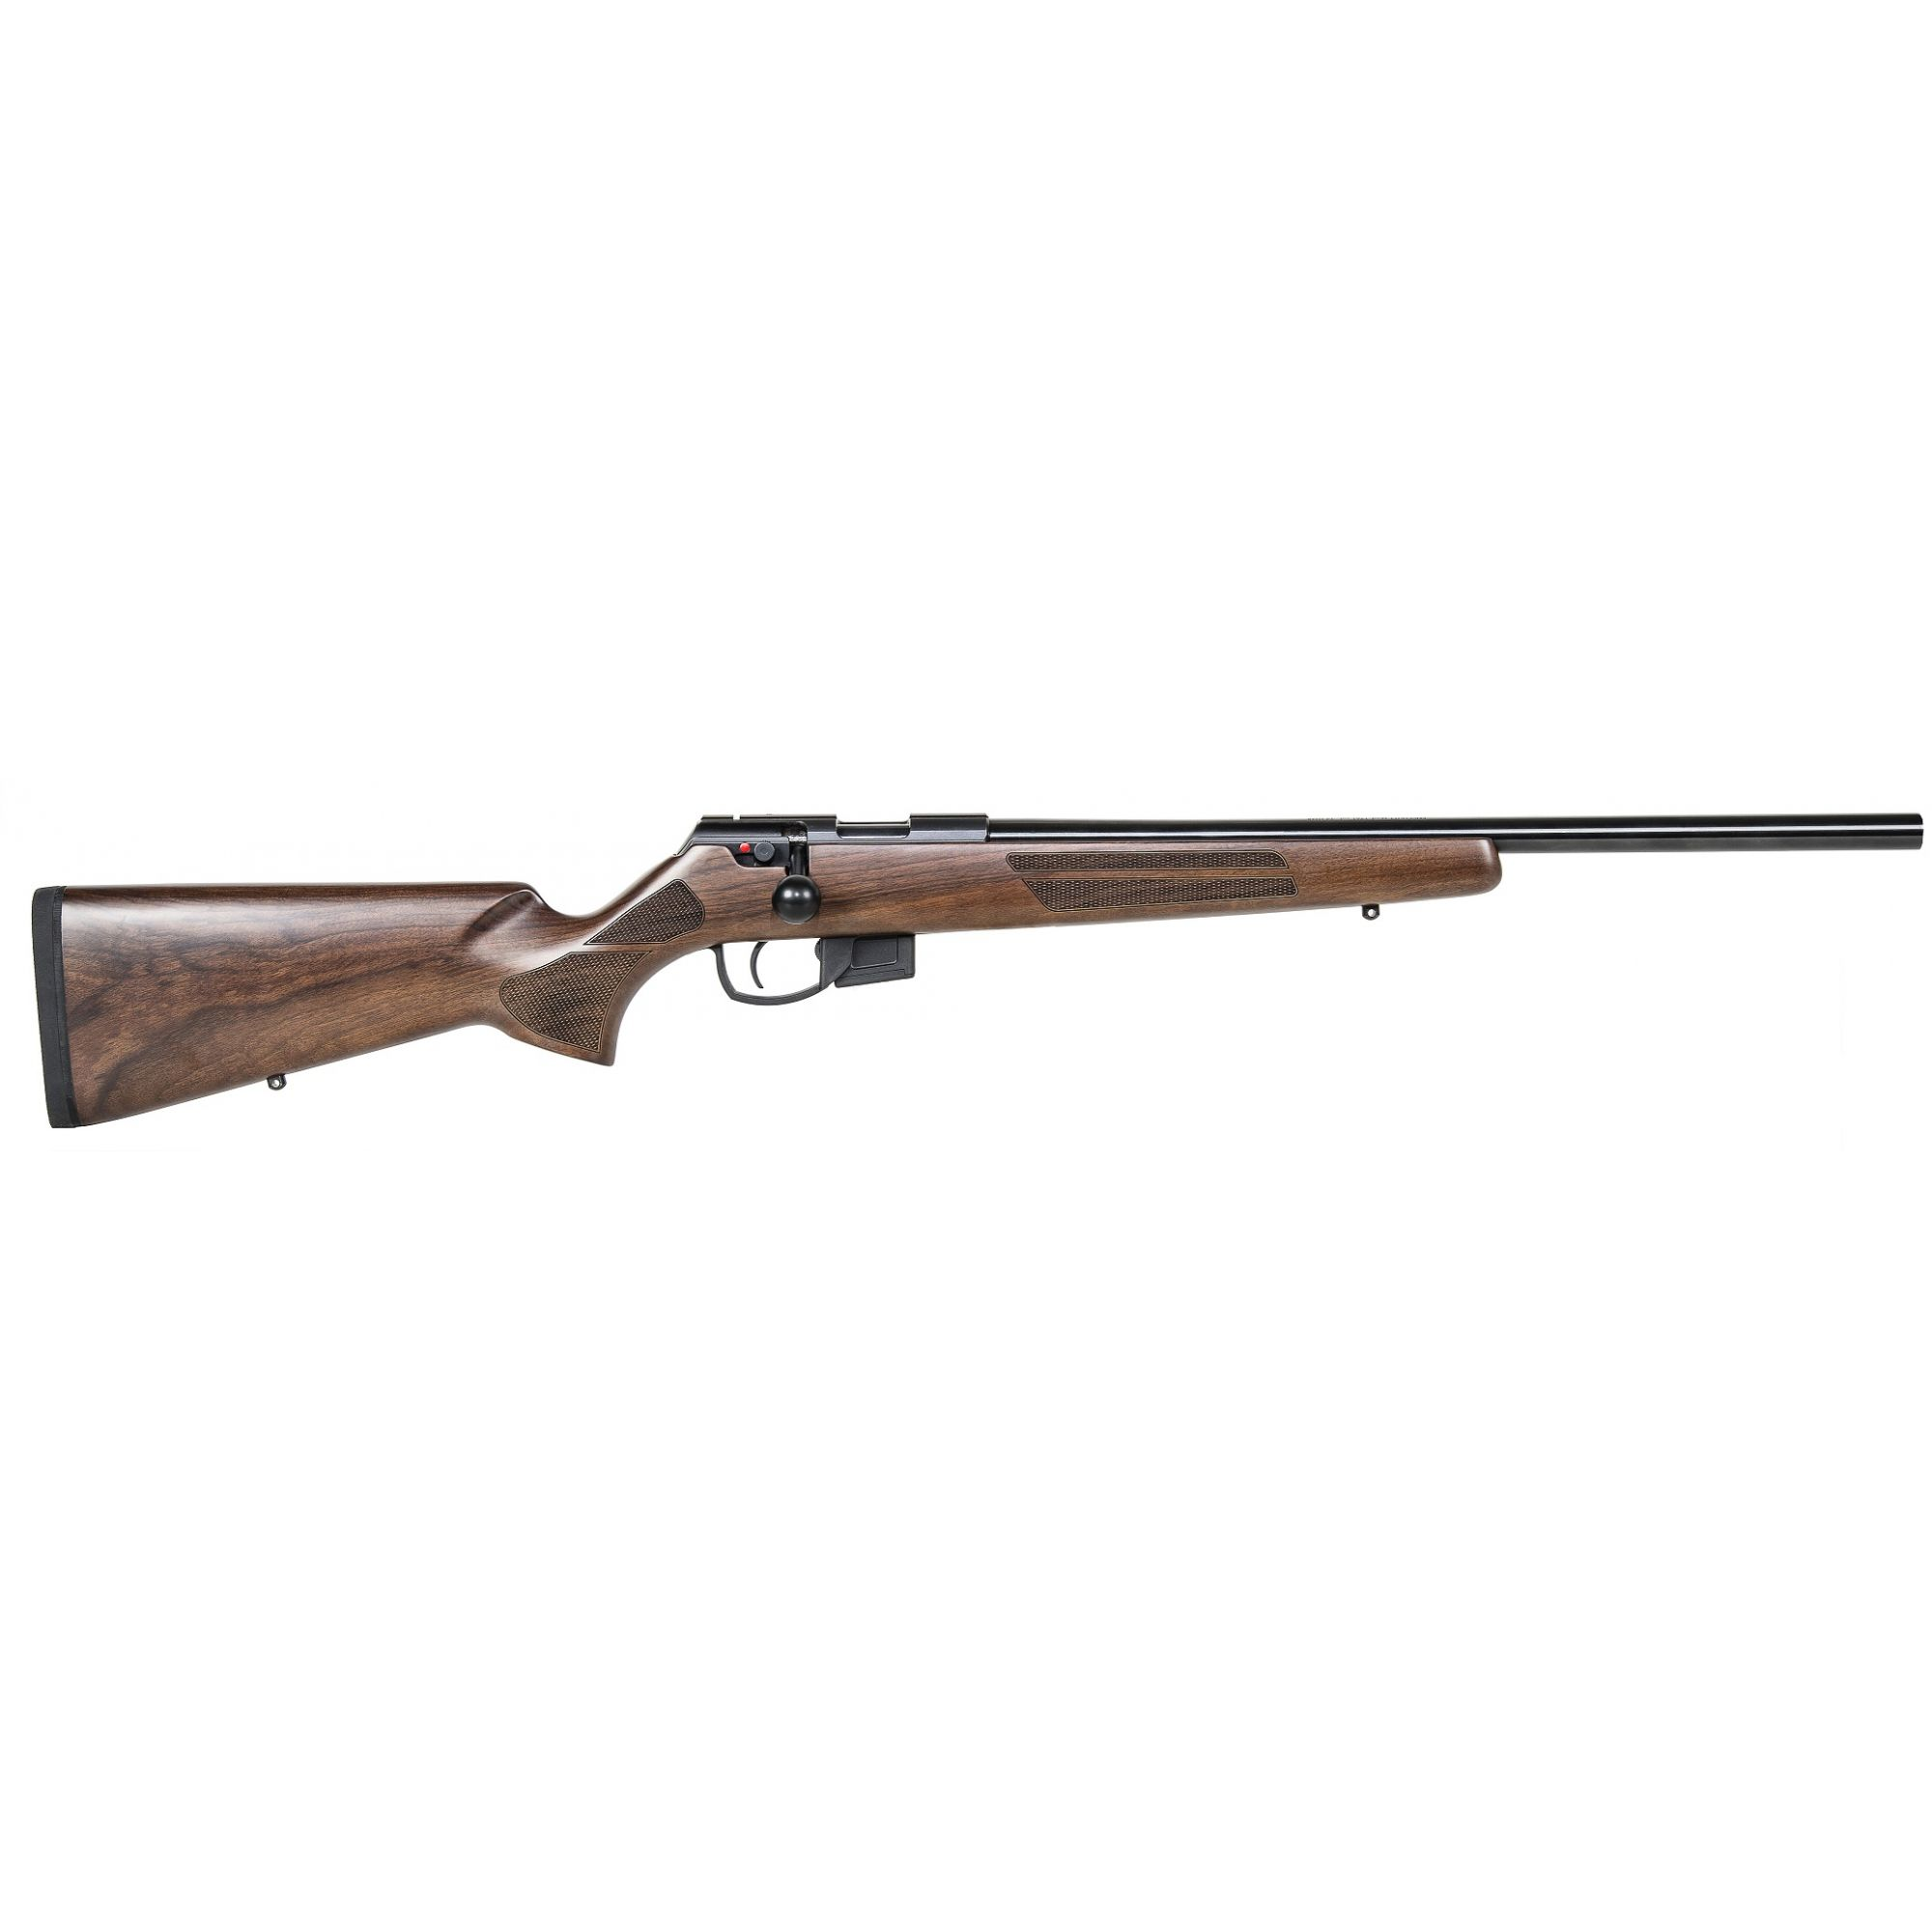 Anschutz 1761 D HB Classic  515mm Calibre .22 LR